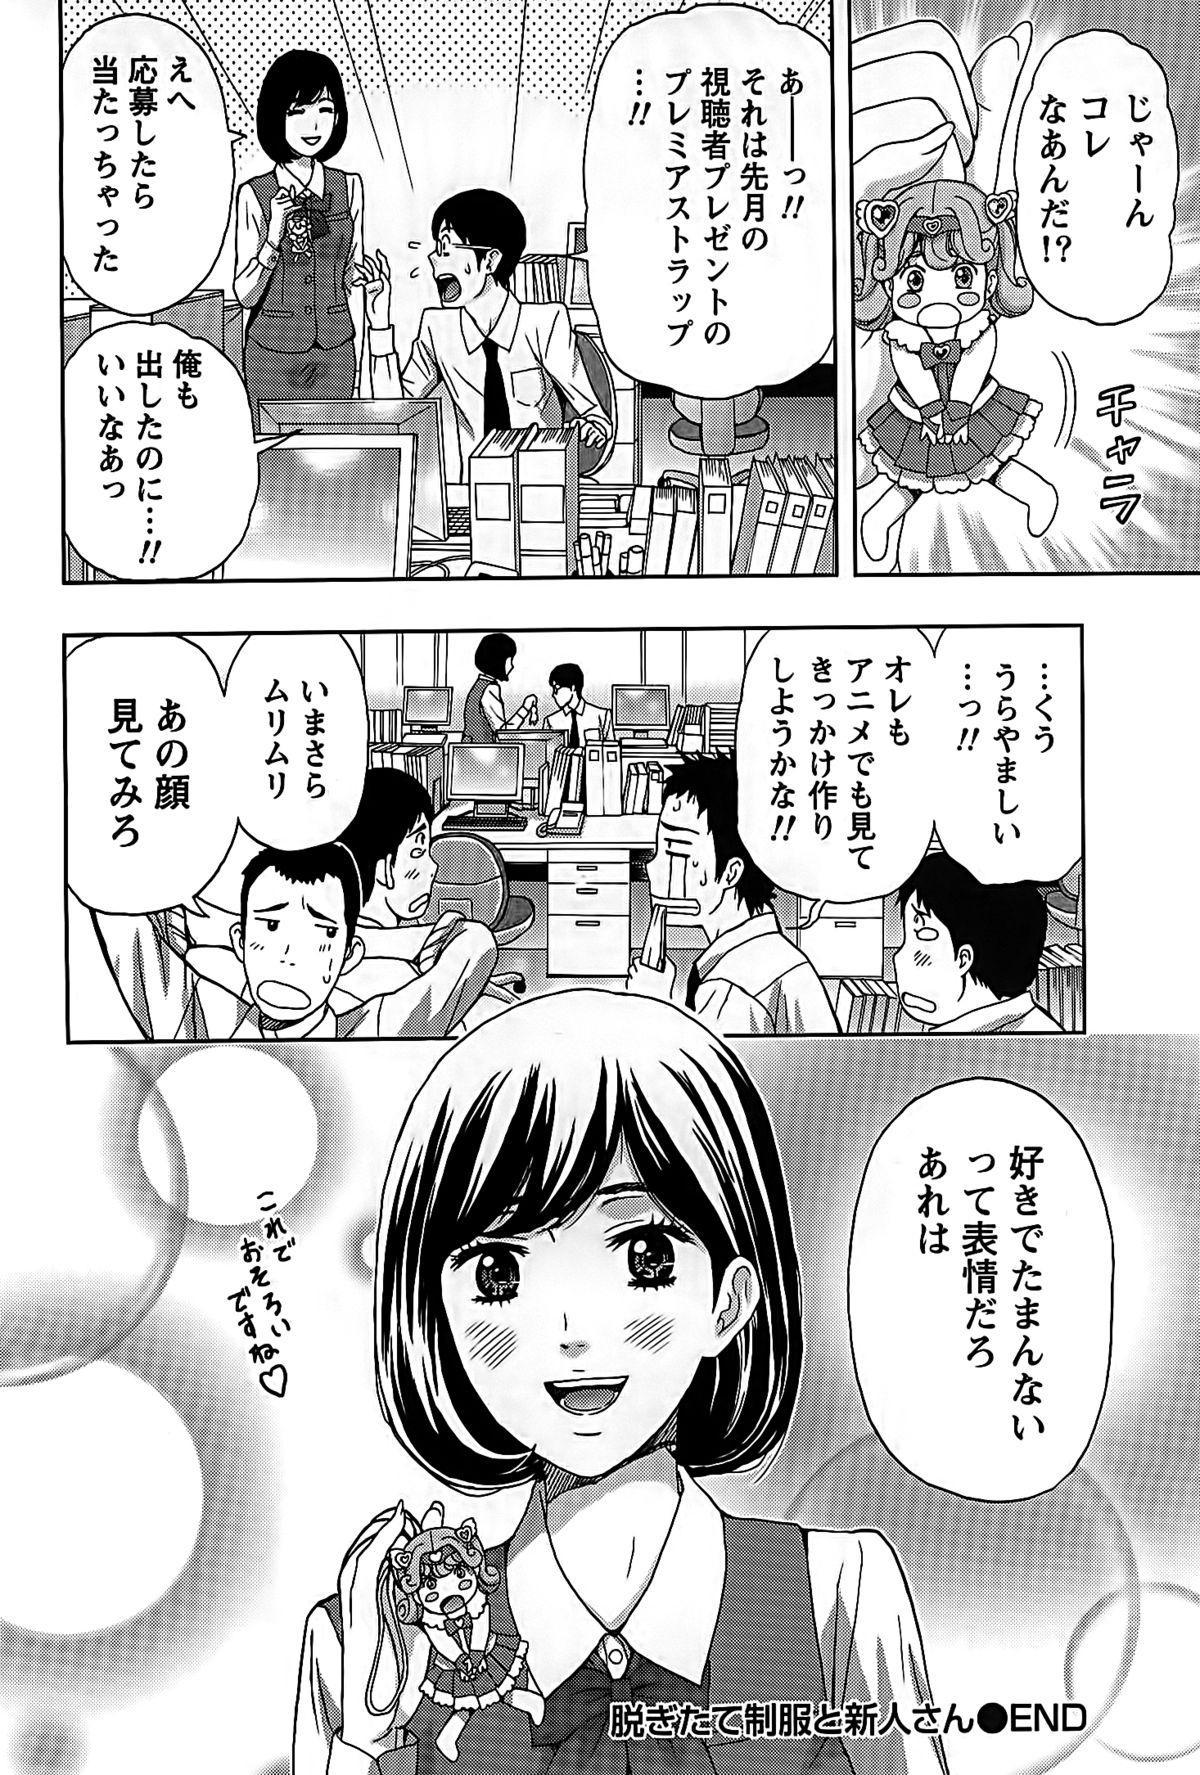 Shittori Lady to Amai Mitsu 103